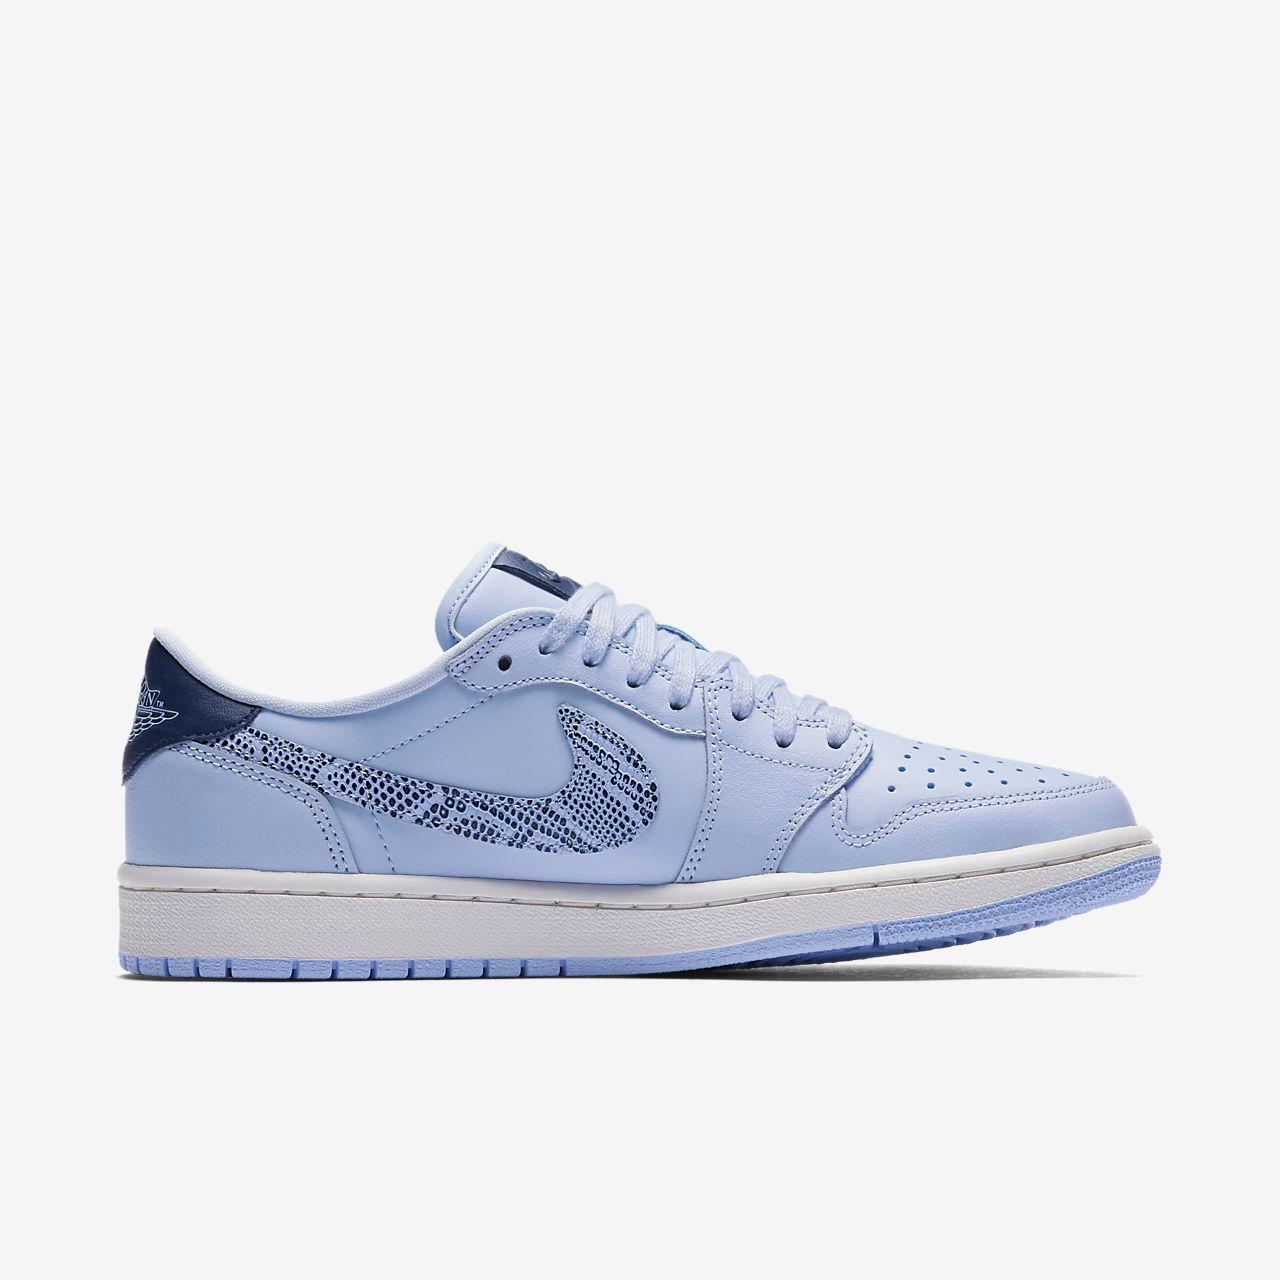 Air Jordan 1 Retro Low OG Women's Shoe